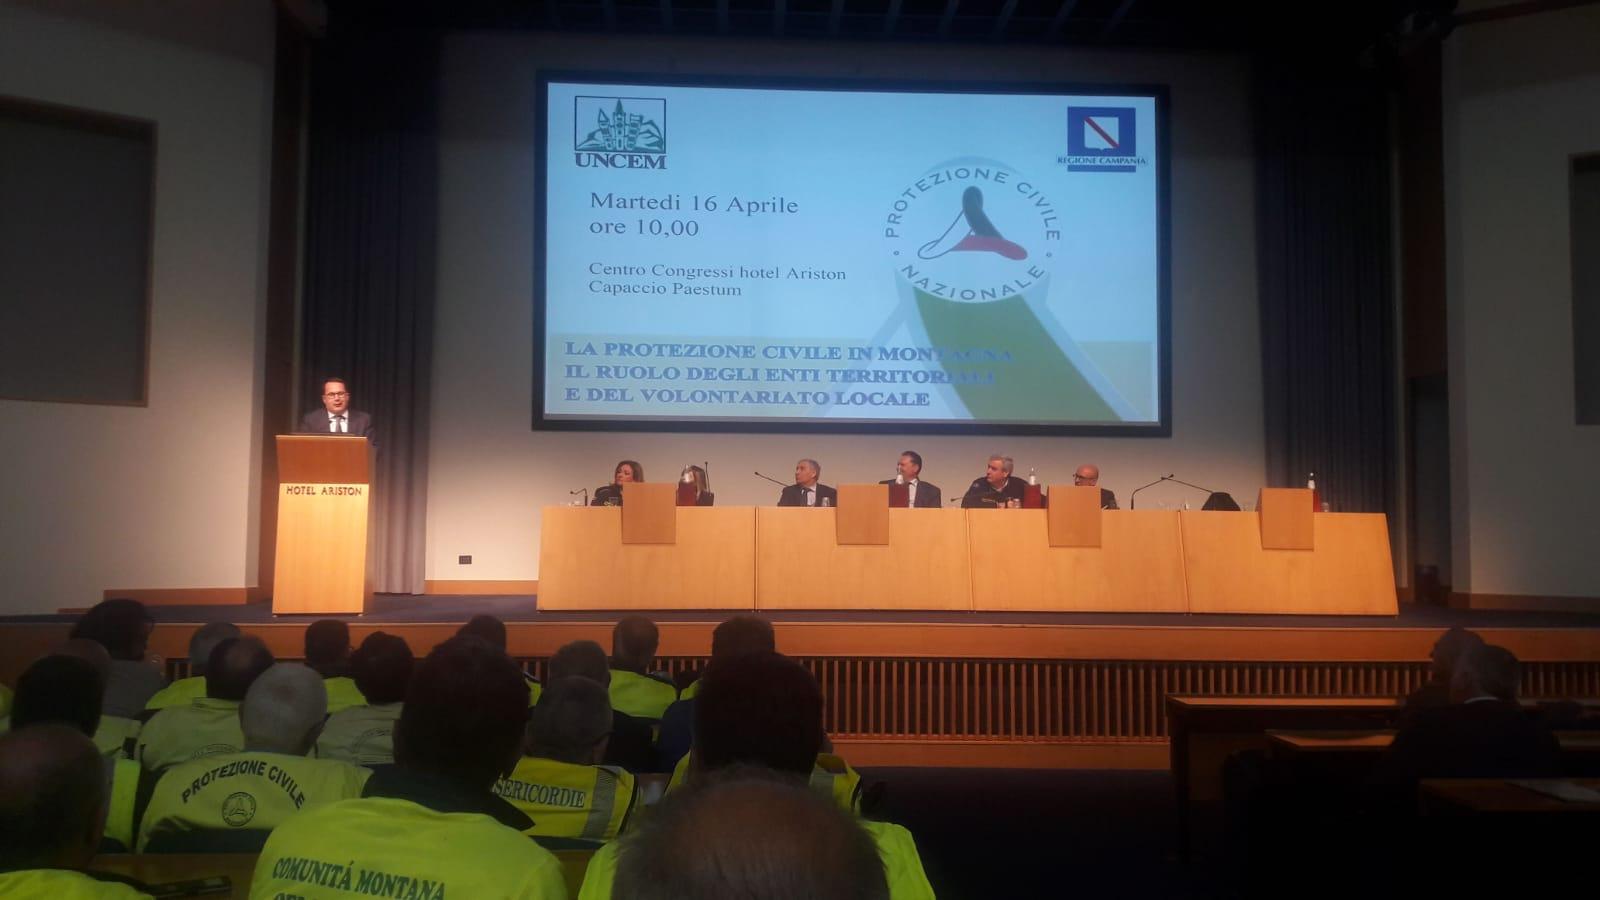 Una delegazione della Provincia ha partecipato al convegno 'La protezione civile in montagna'